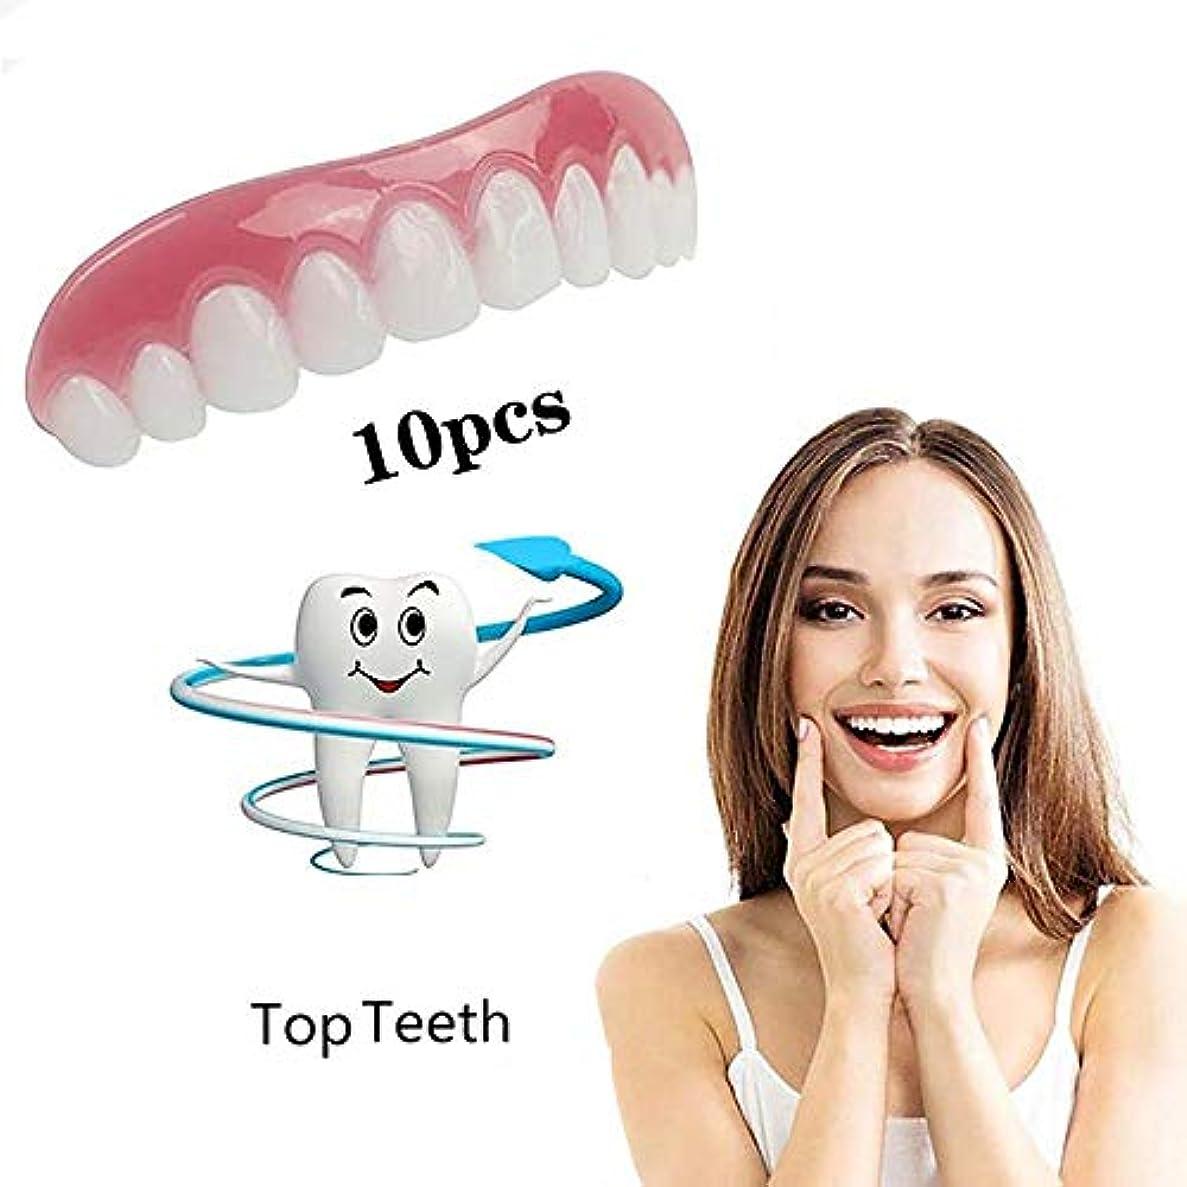 ウィンク会計士リング10個偽の歯アッパー偽の偽の歯カバースナップオン即時の歯の化粧品義歯のケアオーラルケアシリコーンホワイトニング義歯